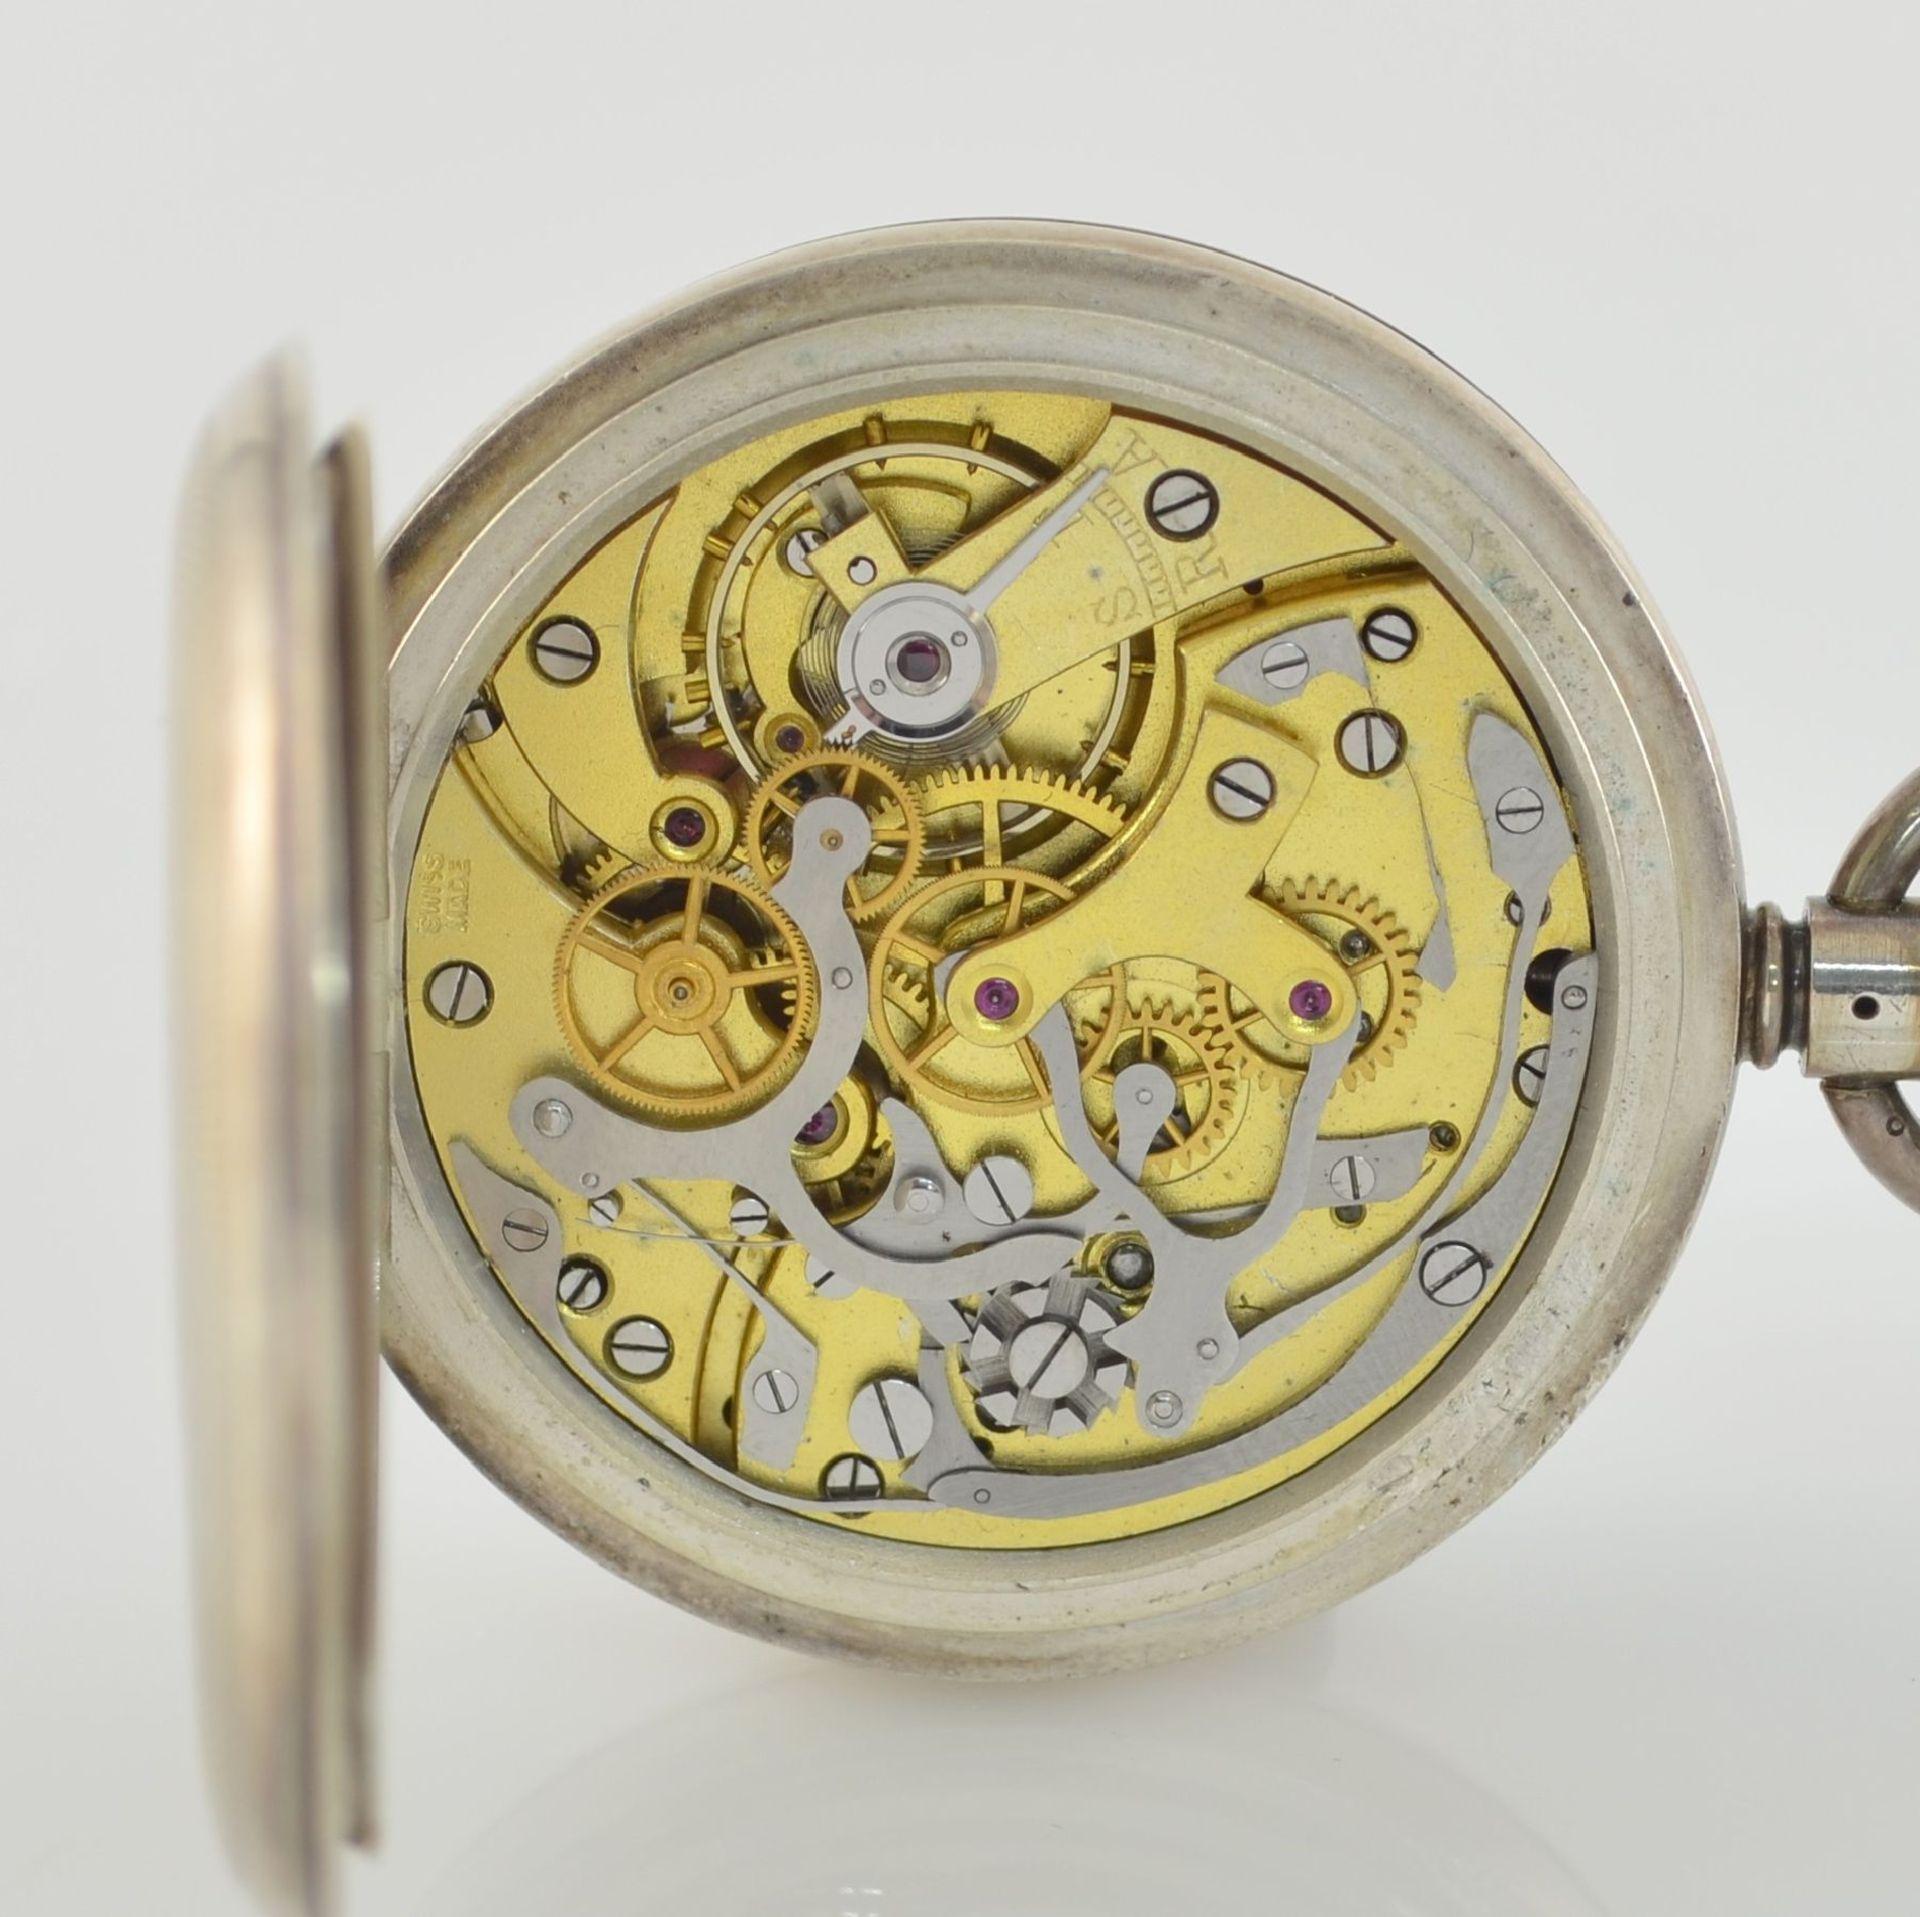 Offene Herrentaschenuhr mit Chronograph in Sterlingsilber, Schweiz um 1910, guill. Geh., aufgedr. - Bild 6 aus 7